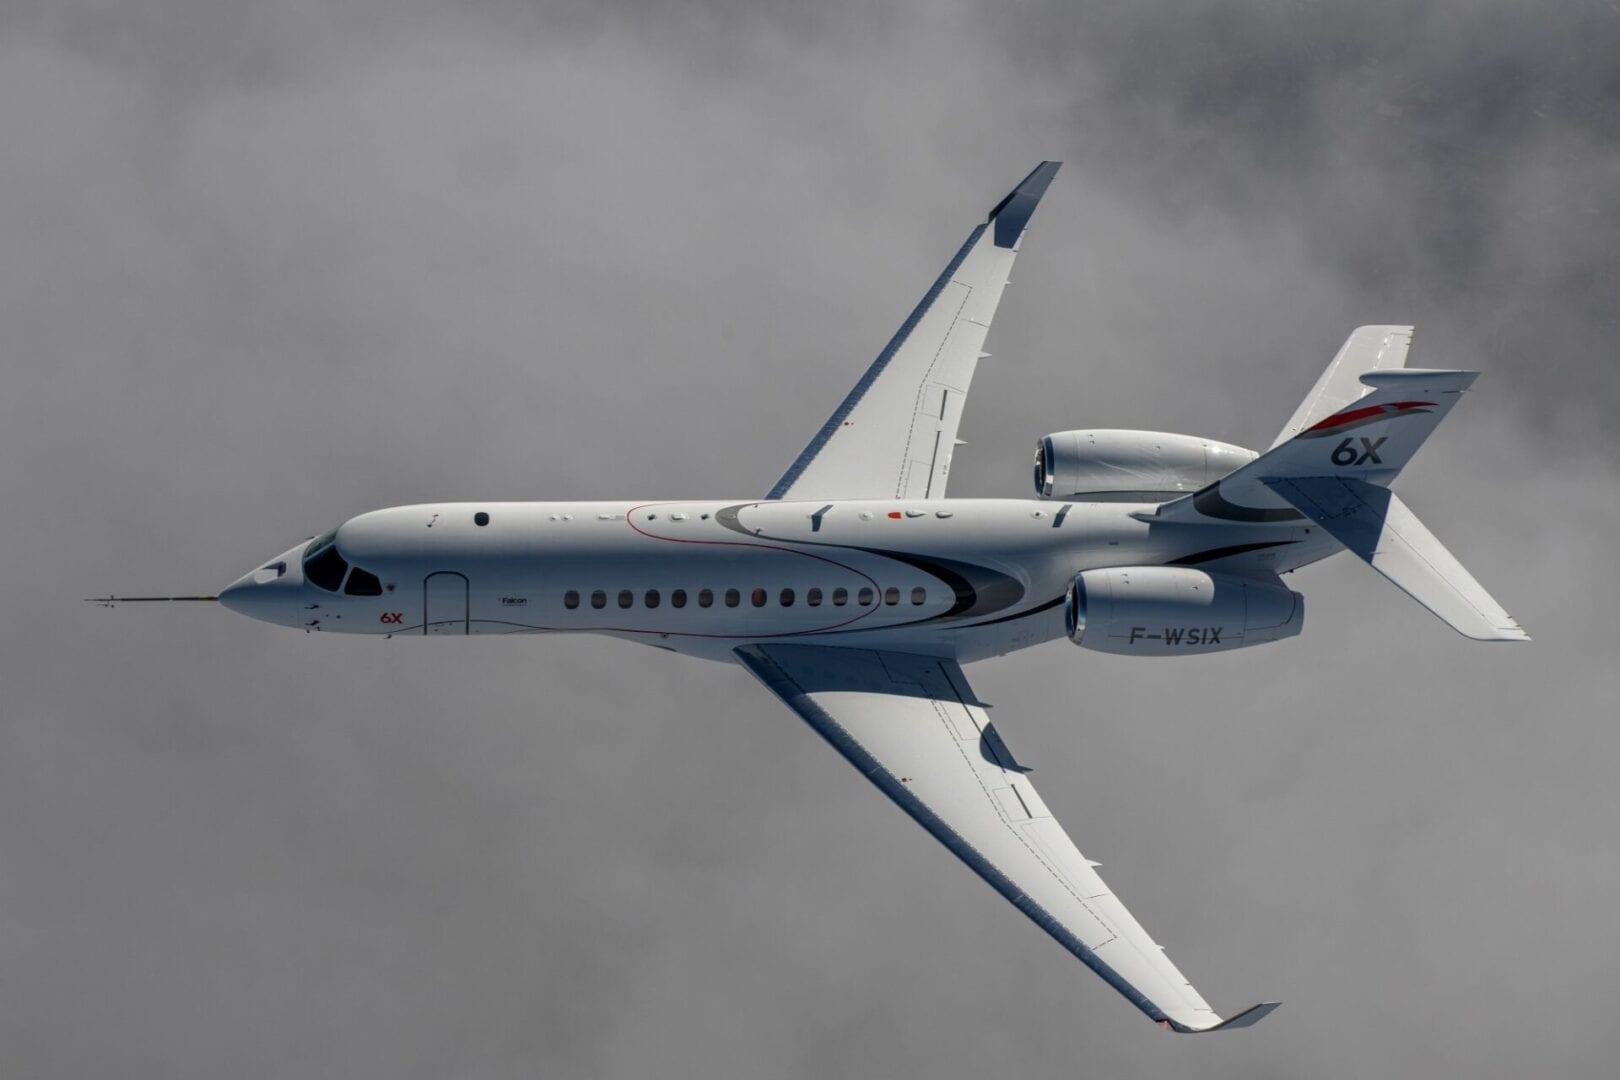 Πρώτη πτήση για το Dassualt Falcon 6X